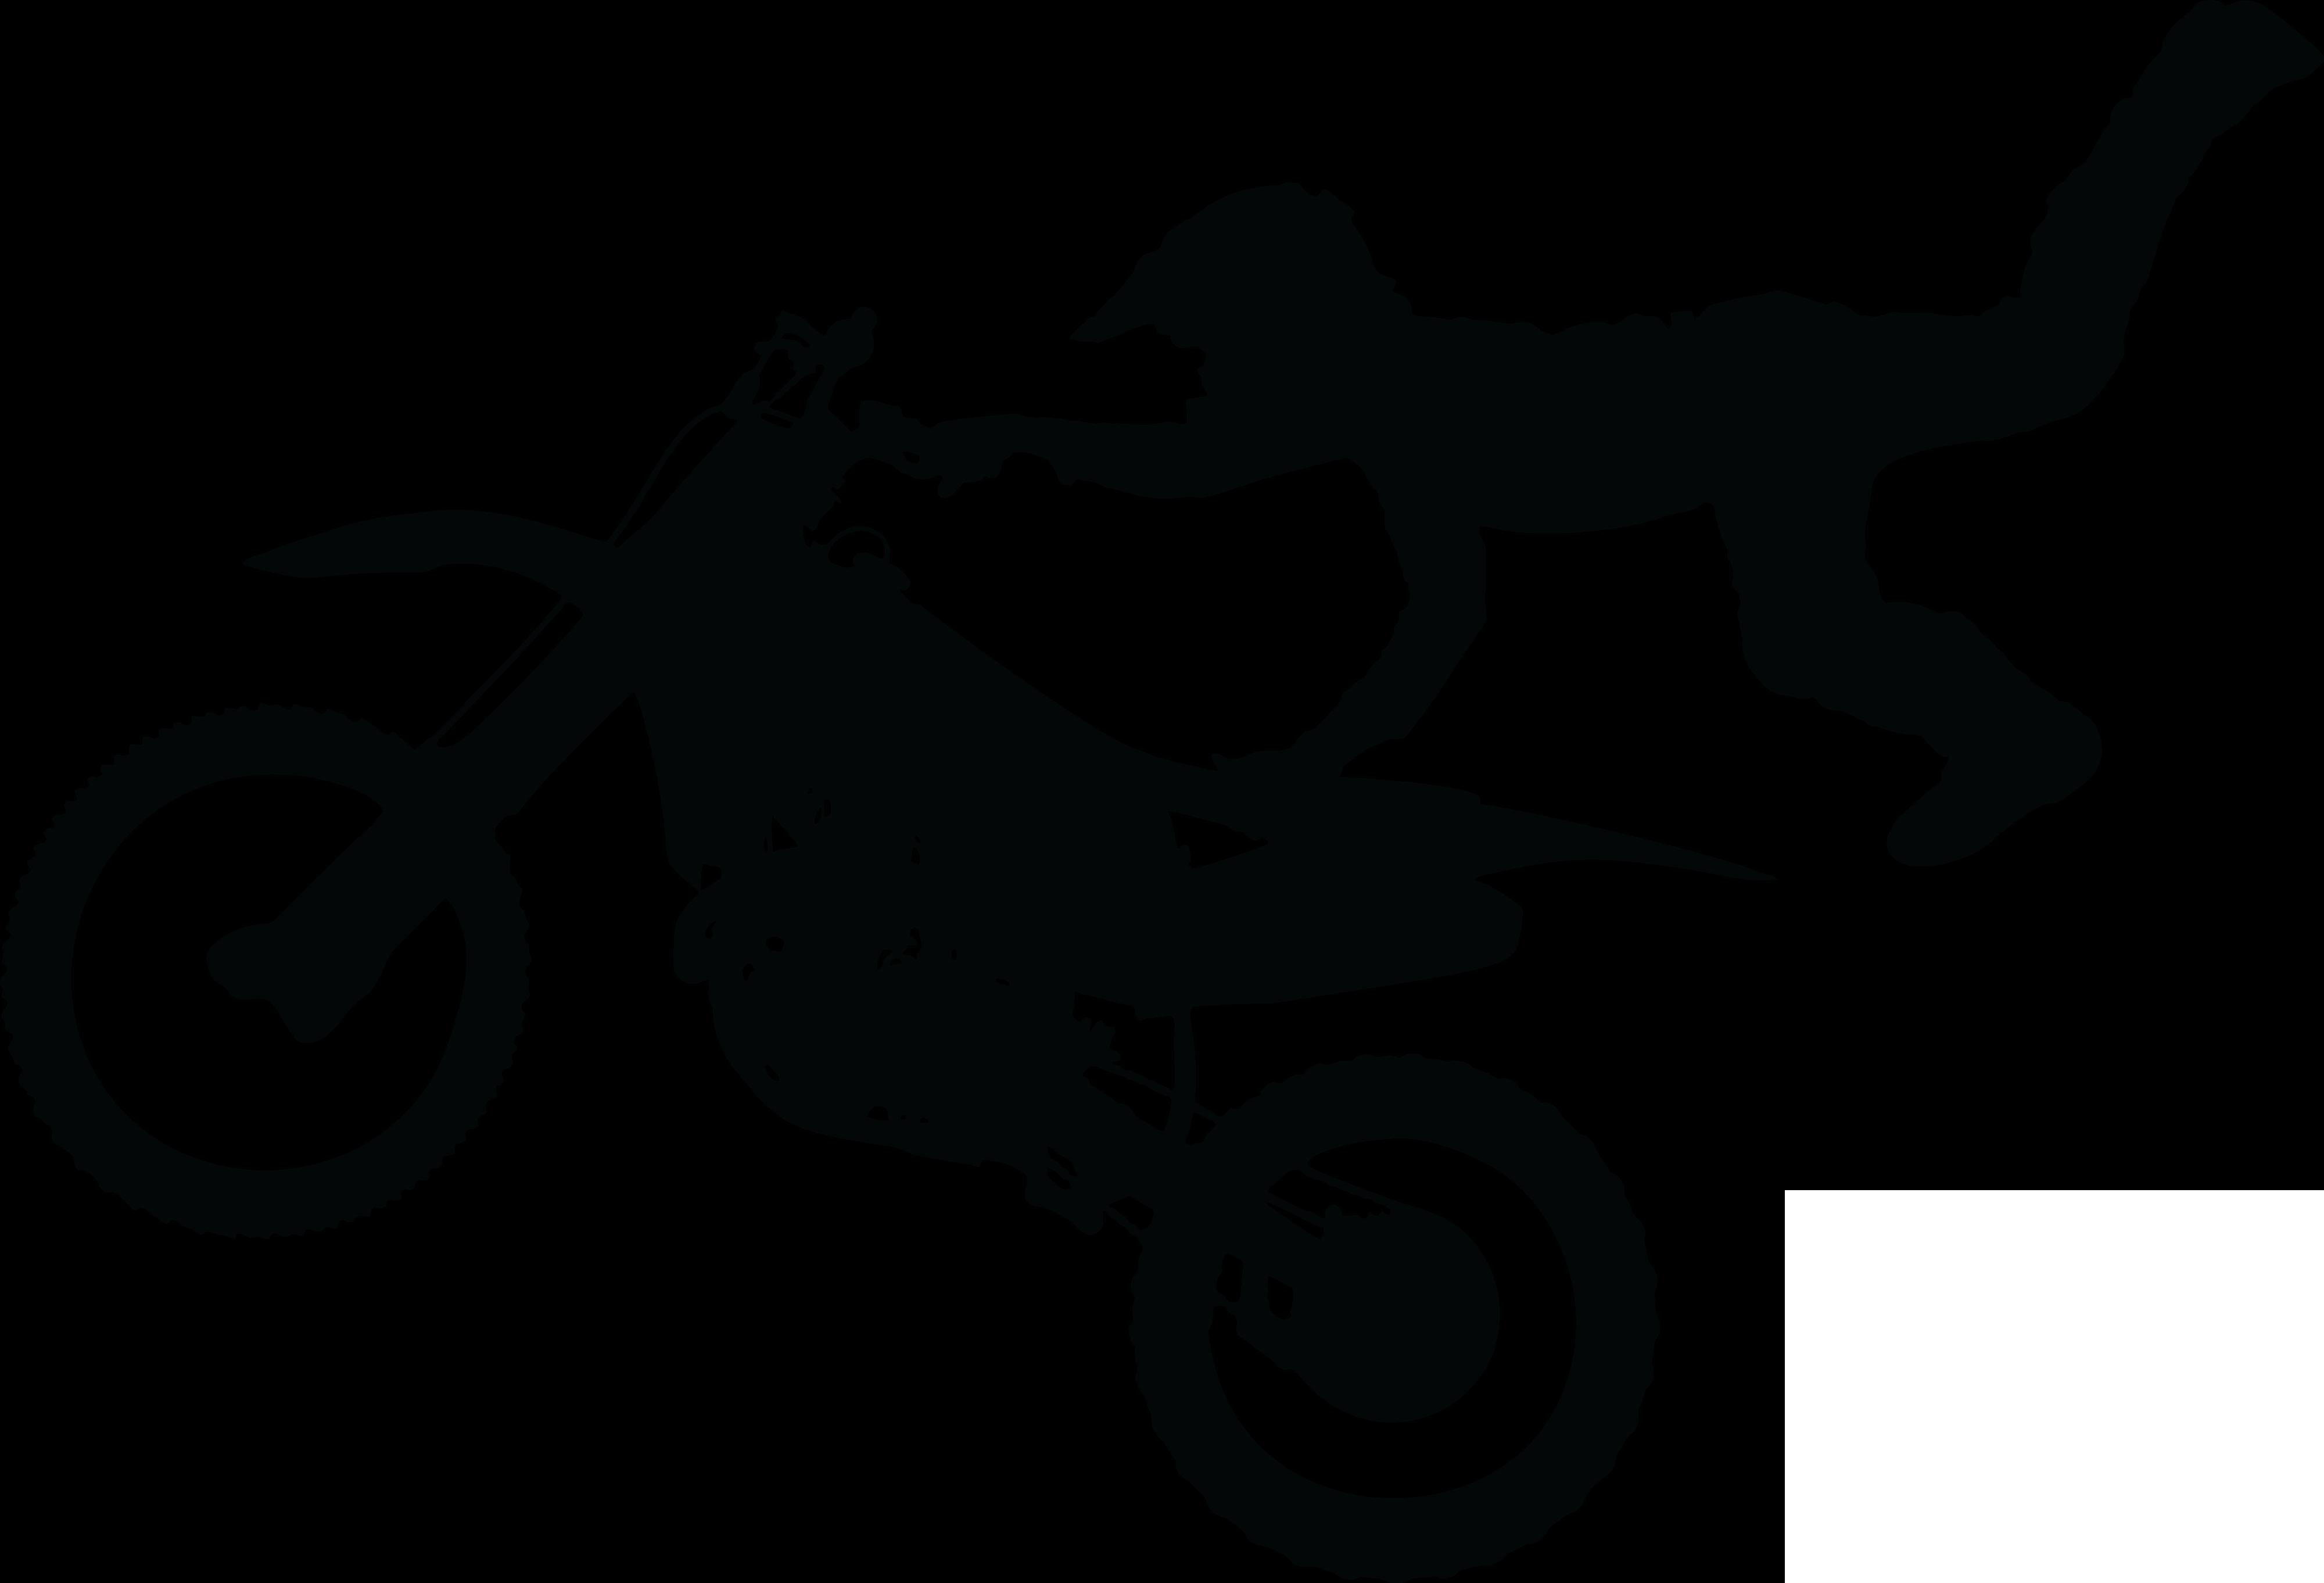 Dirt Bike PNG Free Transparent Dirt Bike.PNG Images..